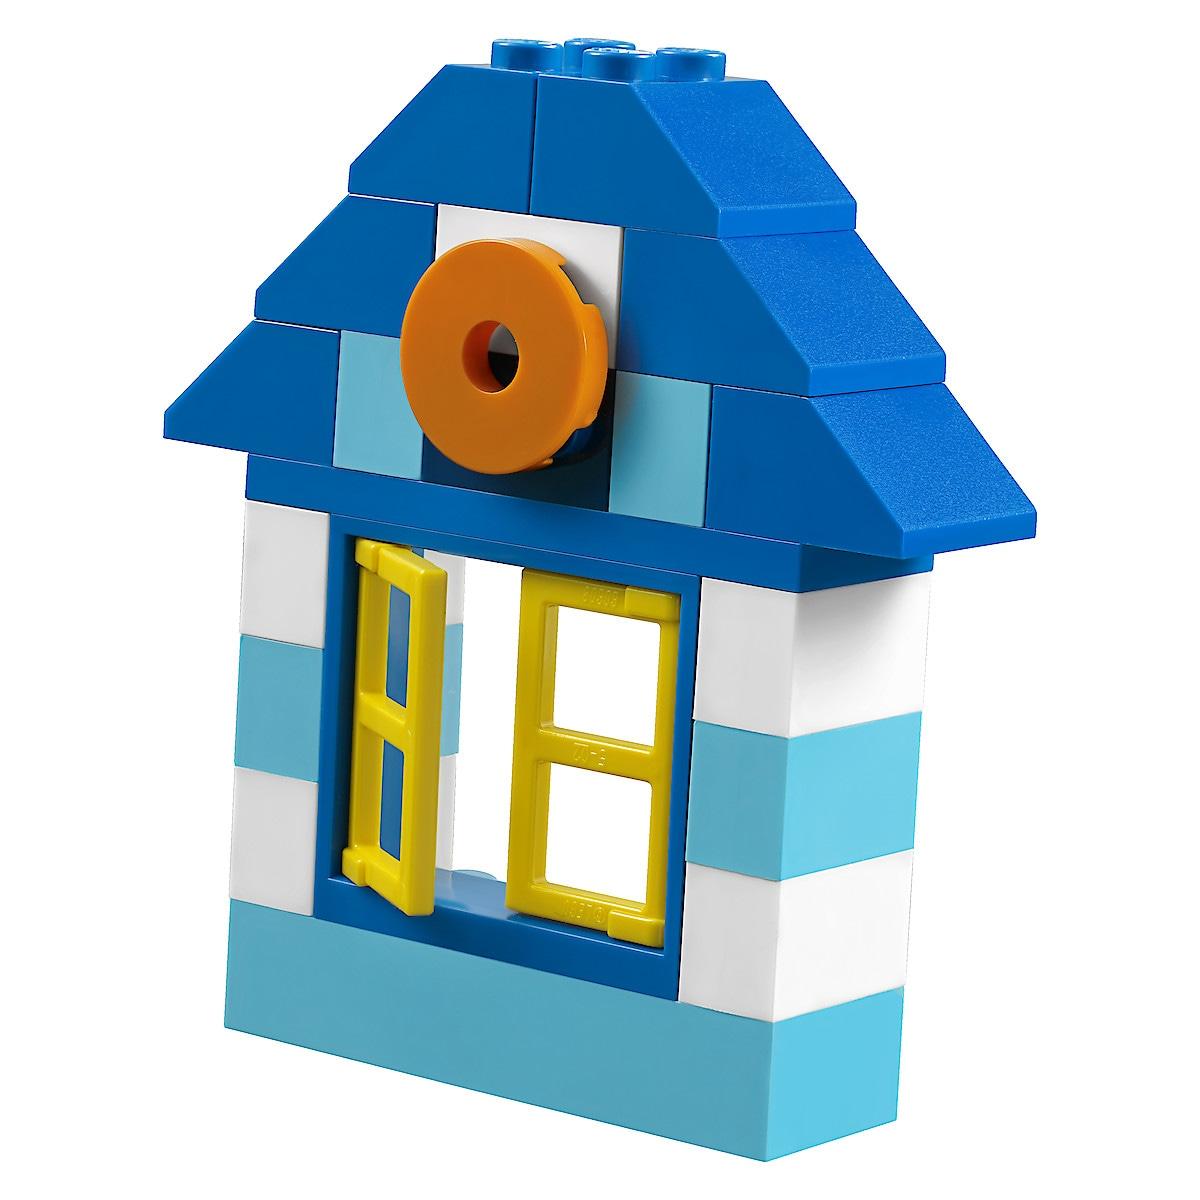 LEGO Classic 10706, Sininen luovuuden laatikko